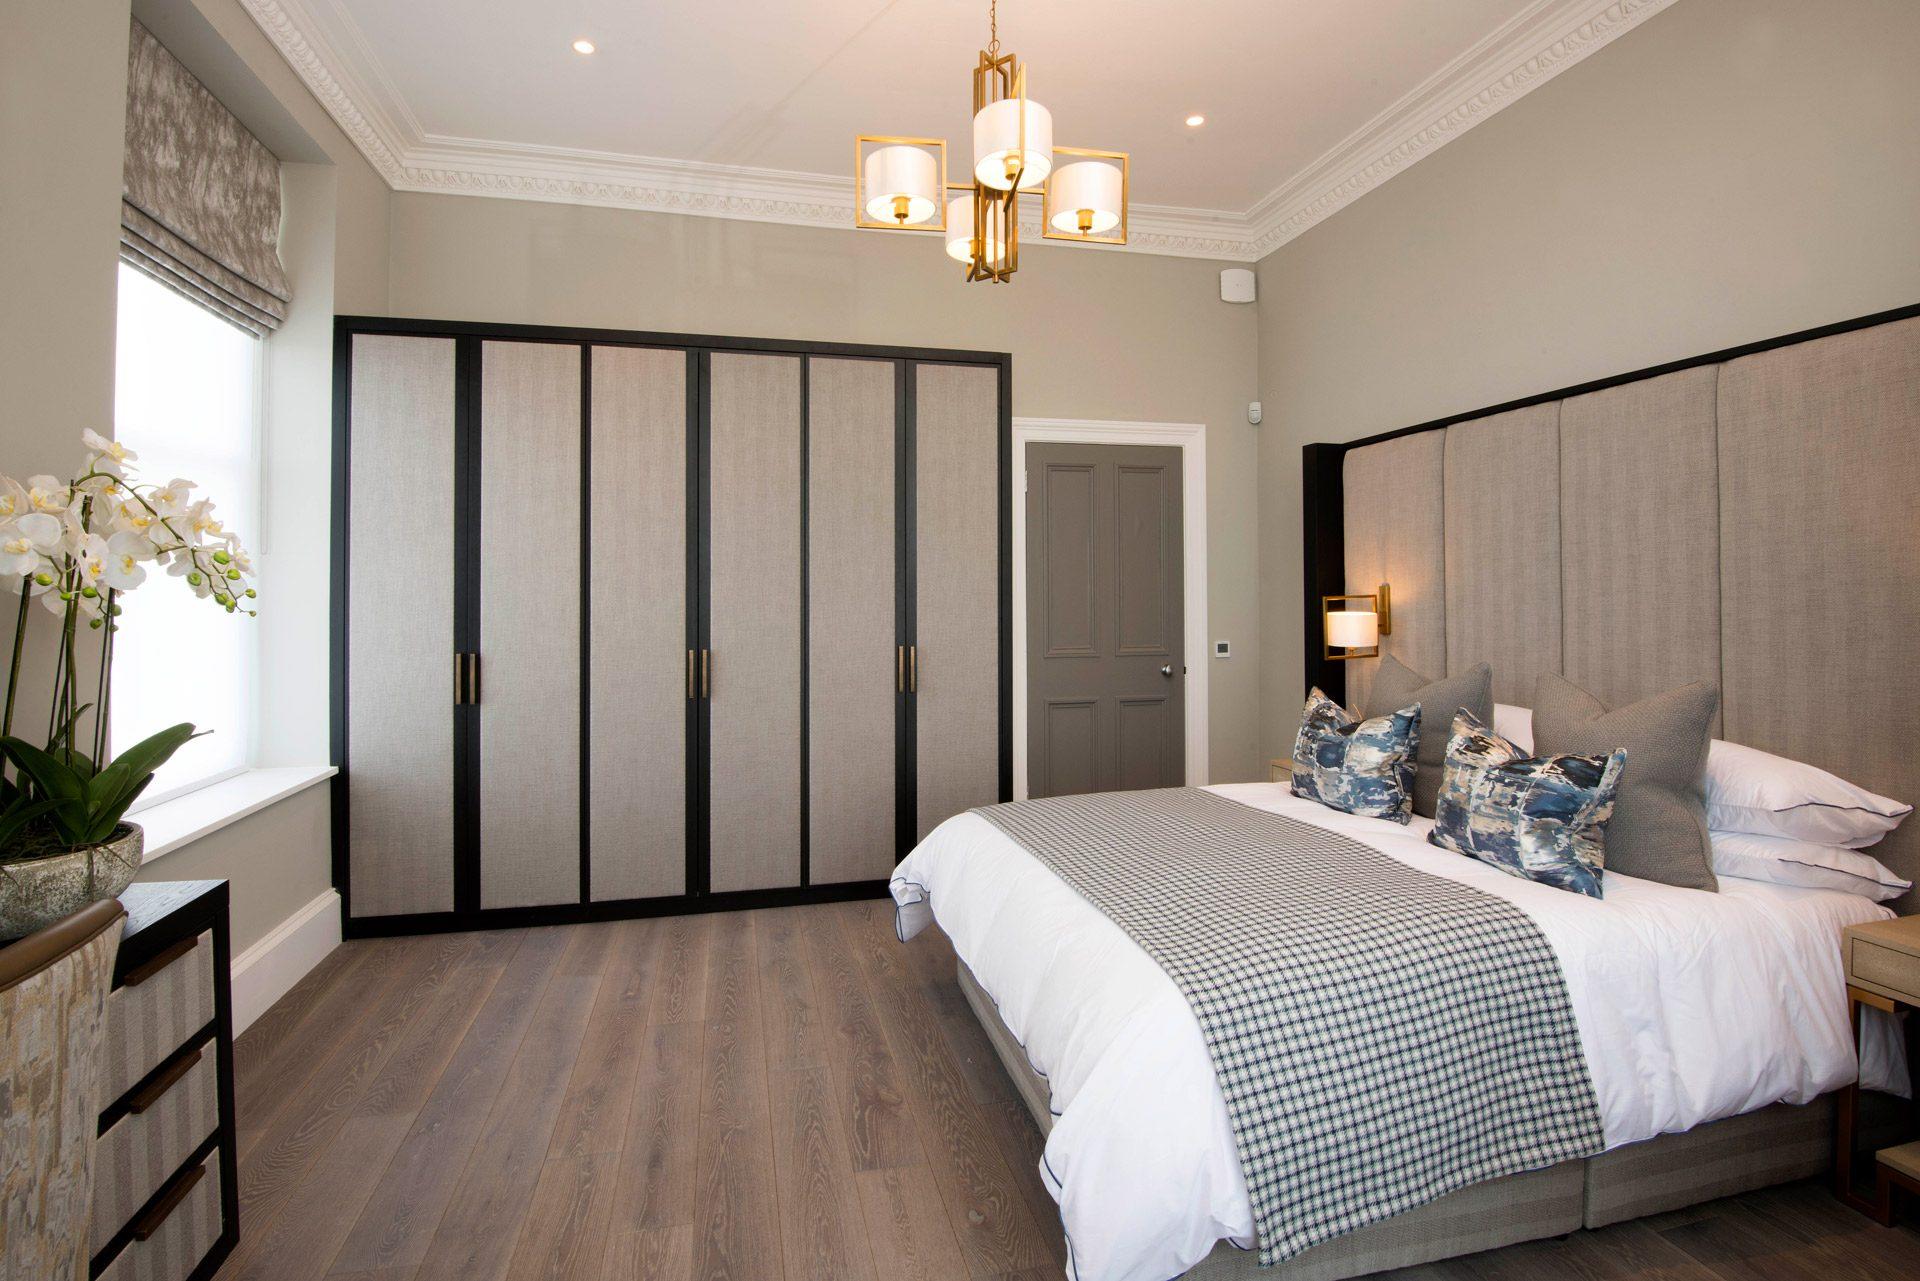 Bedroom3View2